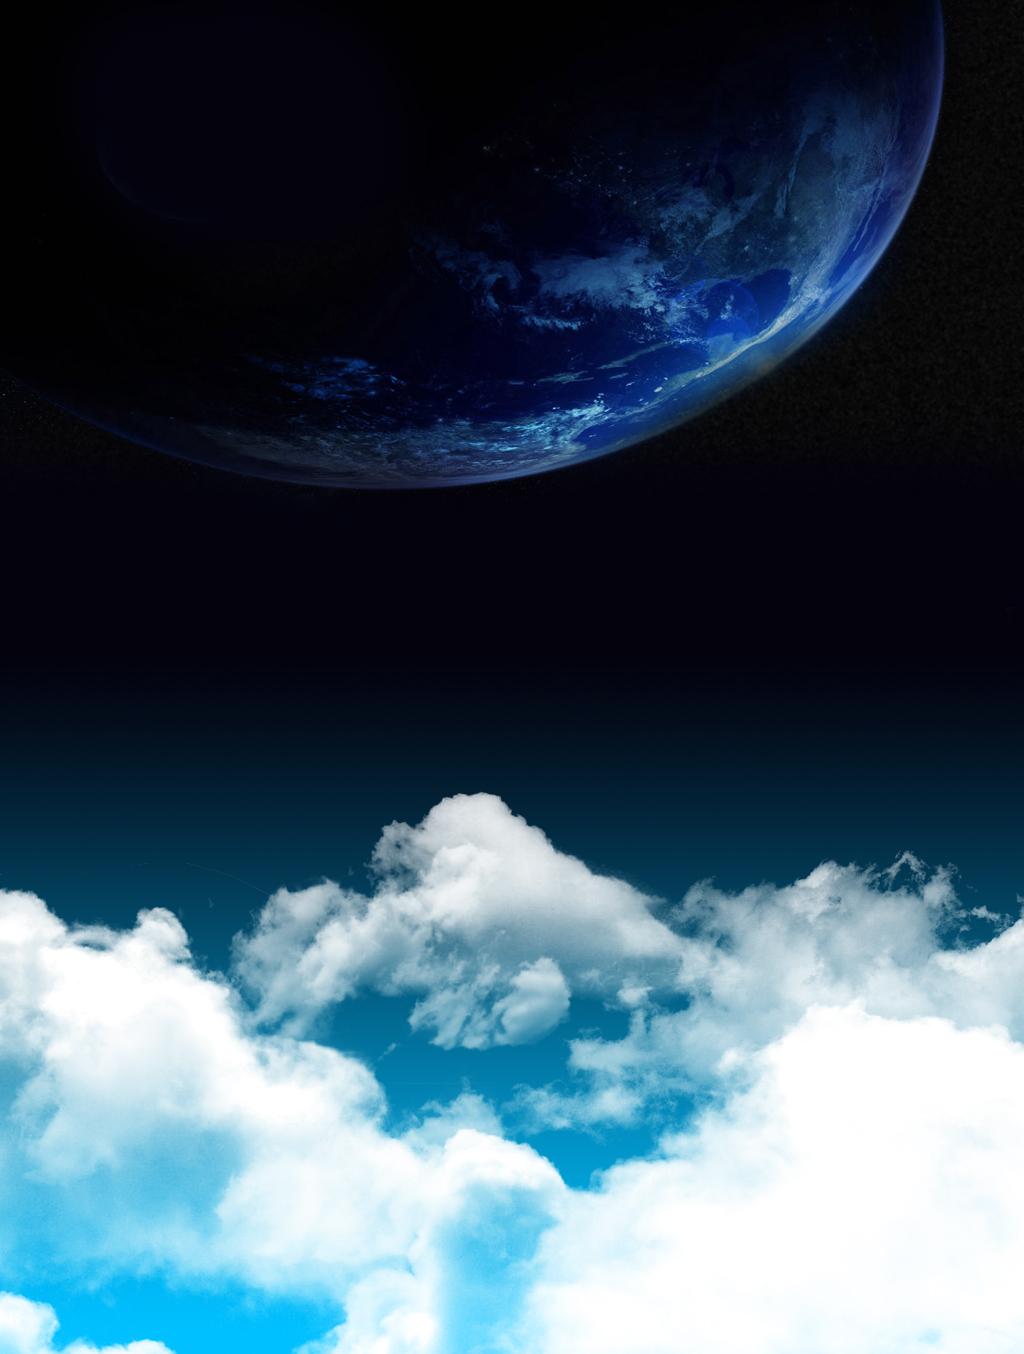 Sky by Grafilabs